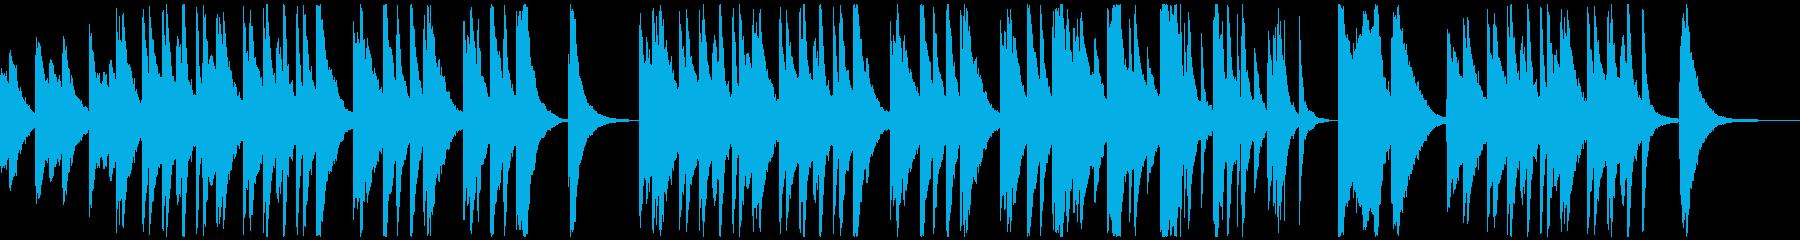 ゴージャスで優雅なゆったりピアノ!の再生済みの波形